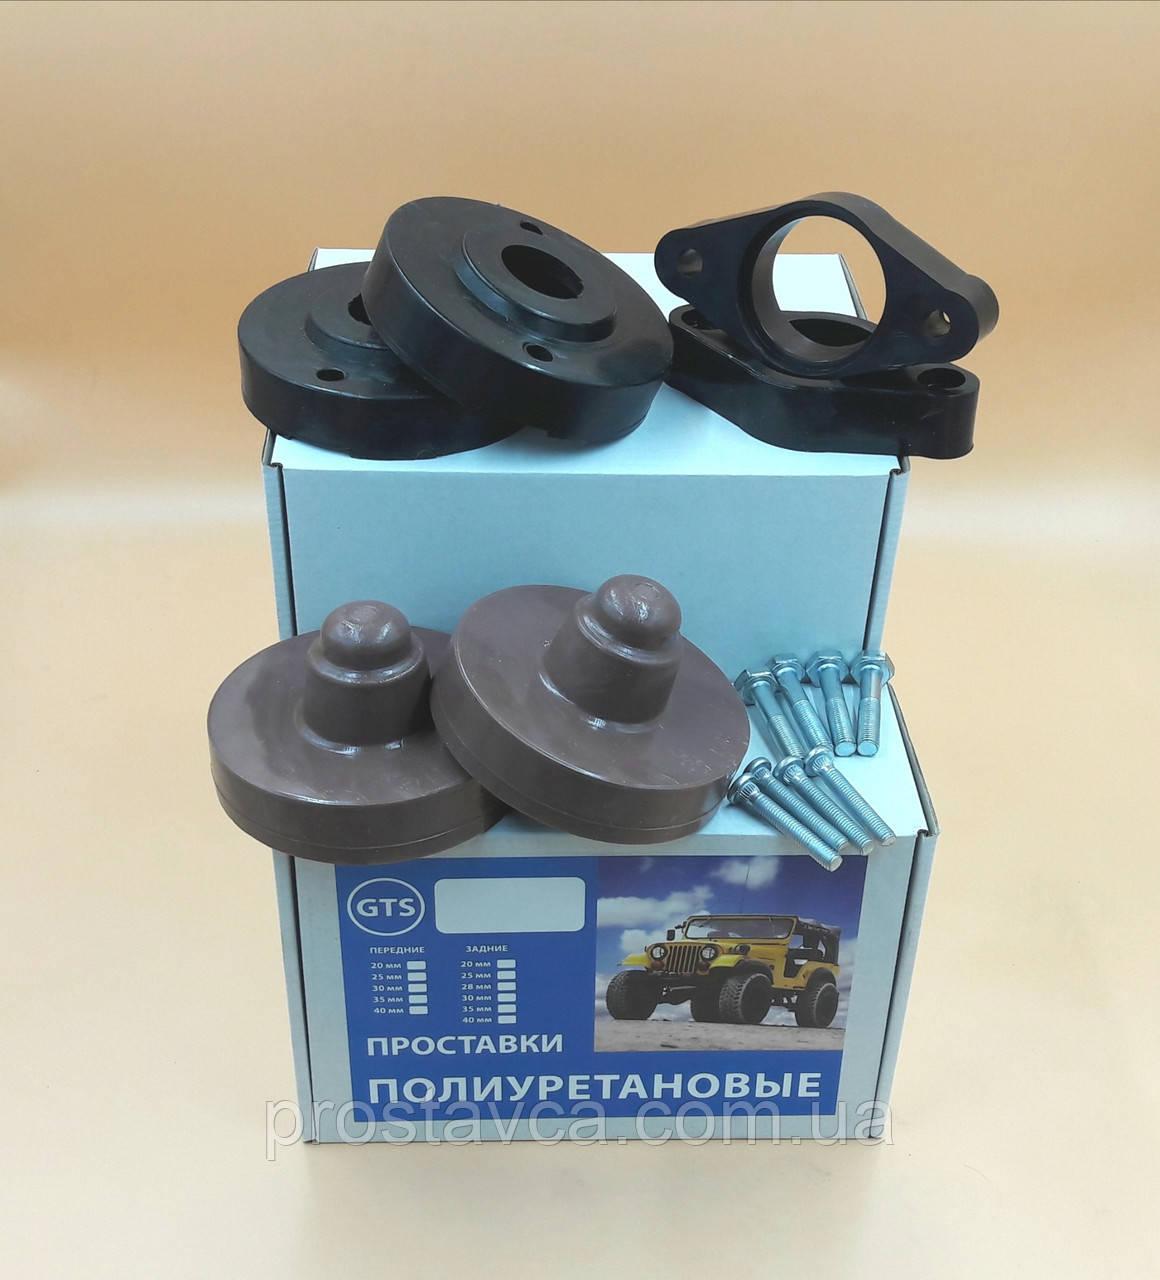 Проставки Skoda Super B 2001-2008 для збільшення кліренсу повний комплект